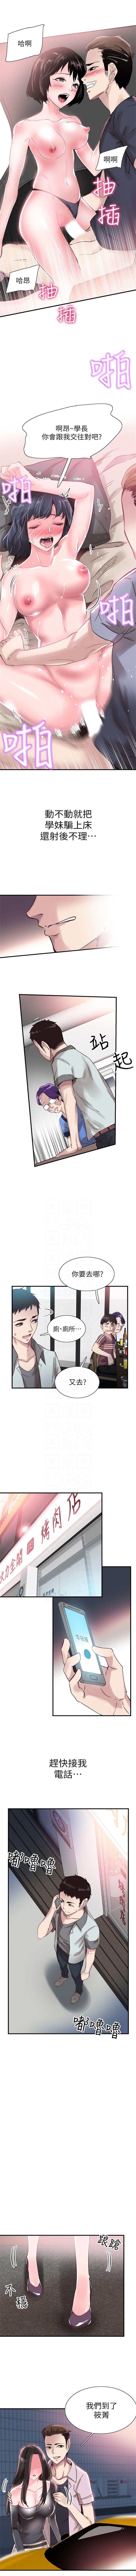 (週7)校園live秀 1-50 中文翻譯(更新中) 143